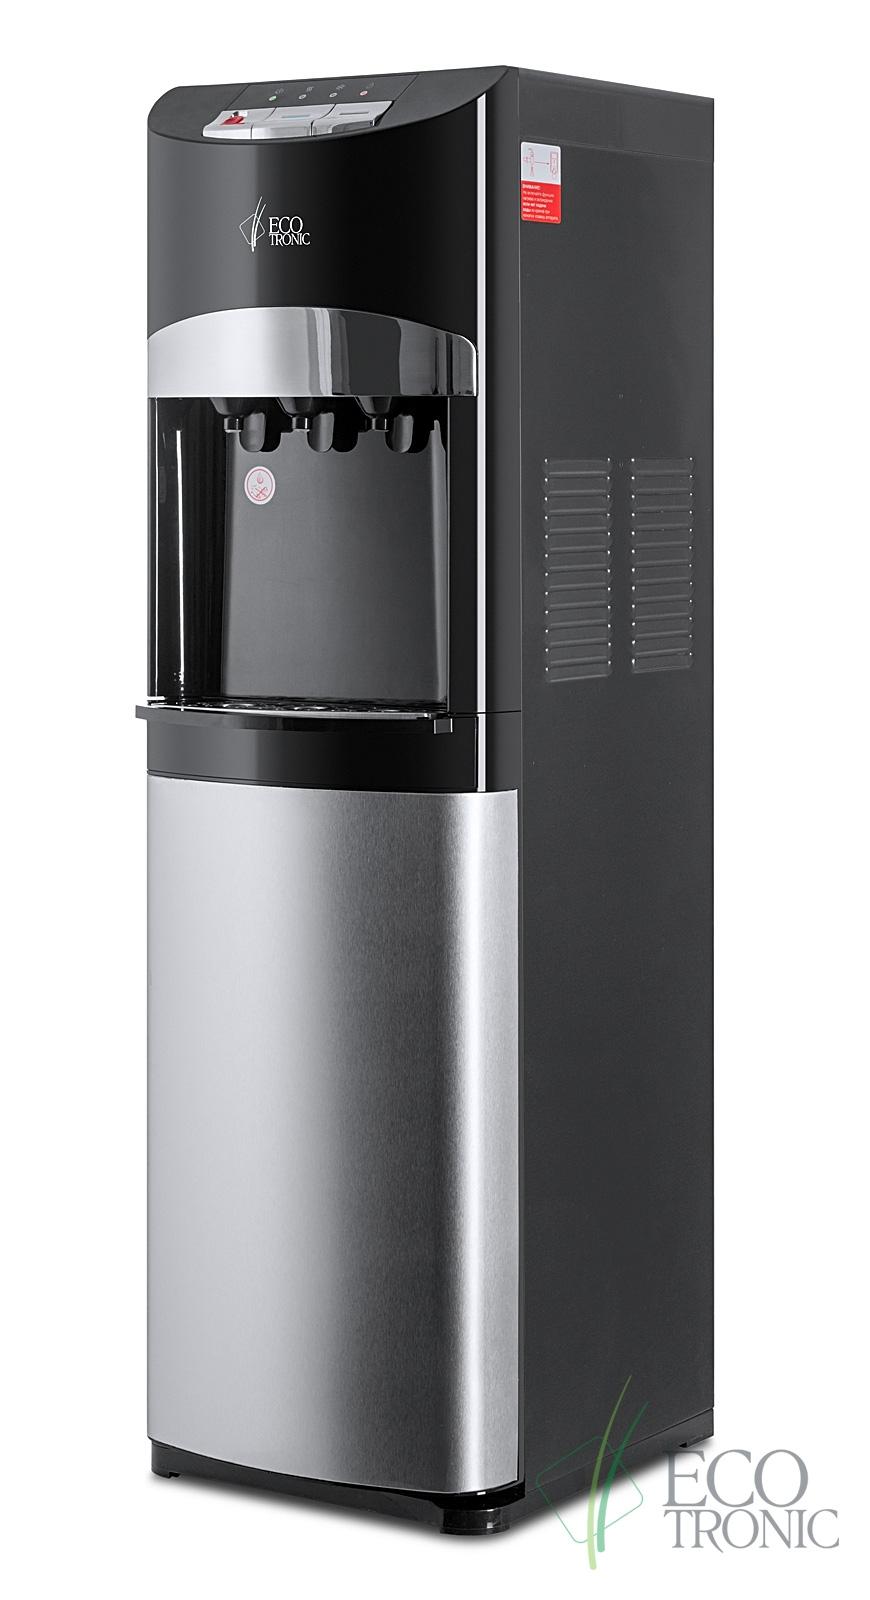 Пурифайер Ecotronic M11-U4LE black - 2